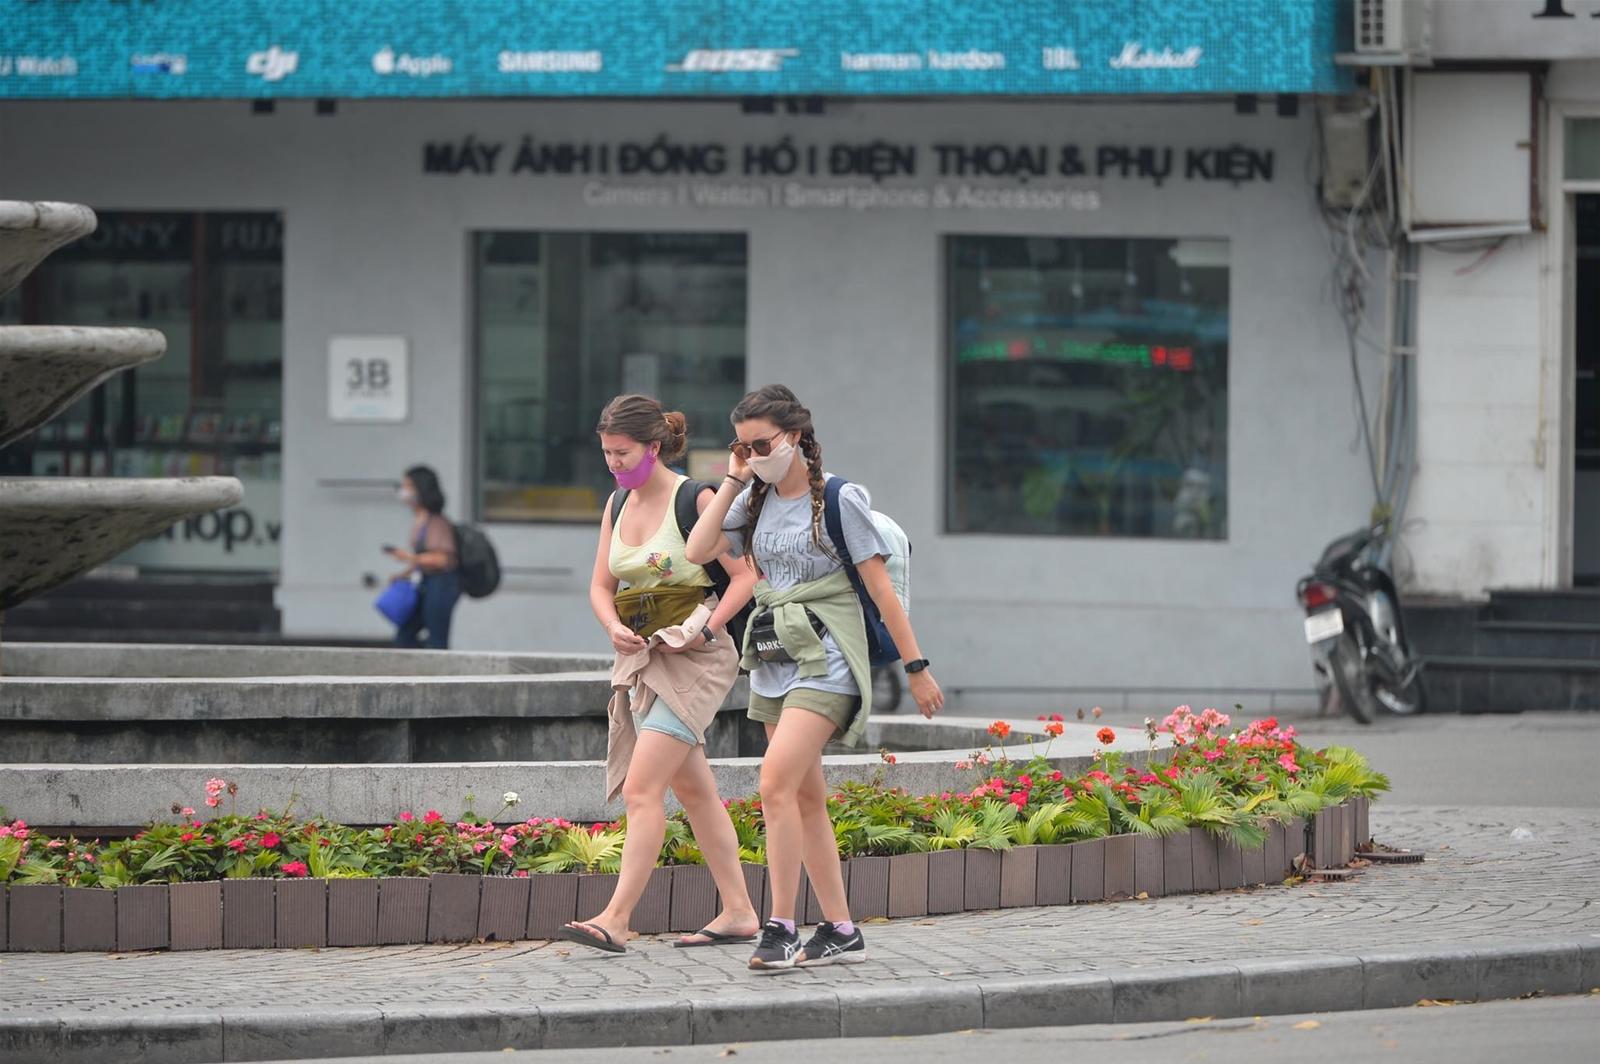 Hà Nội: Hàng quán đóng cửa, khách du lịch nước ngoài ai cũng đeo khẩu trang